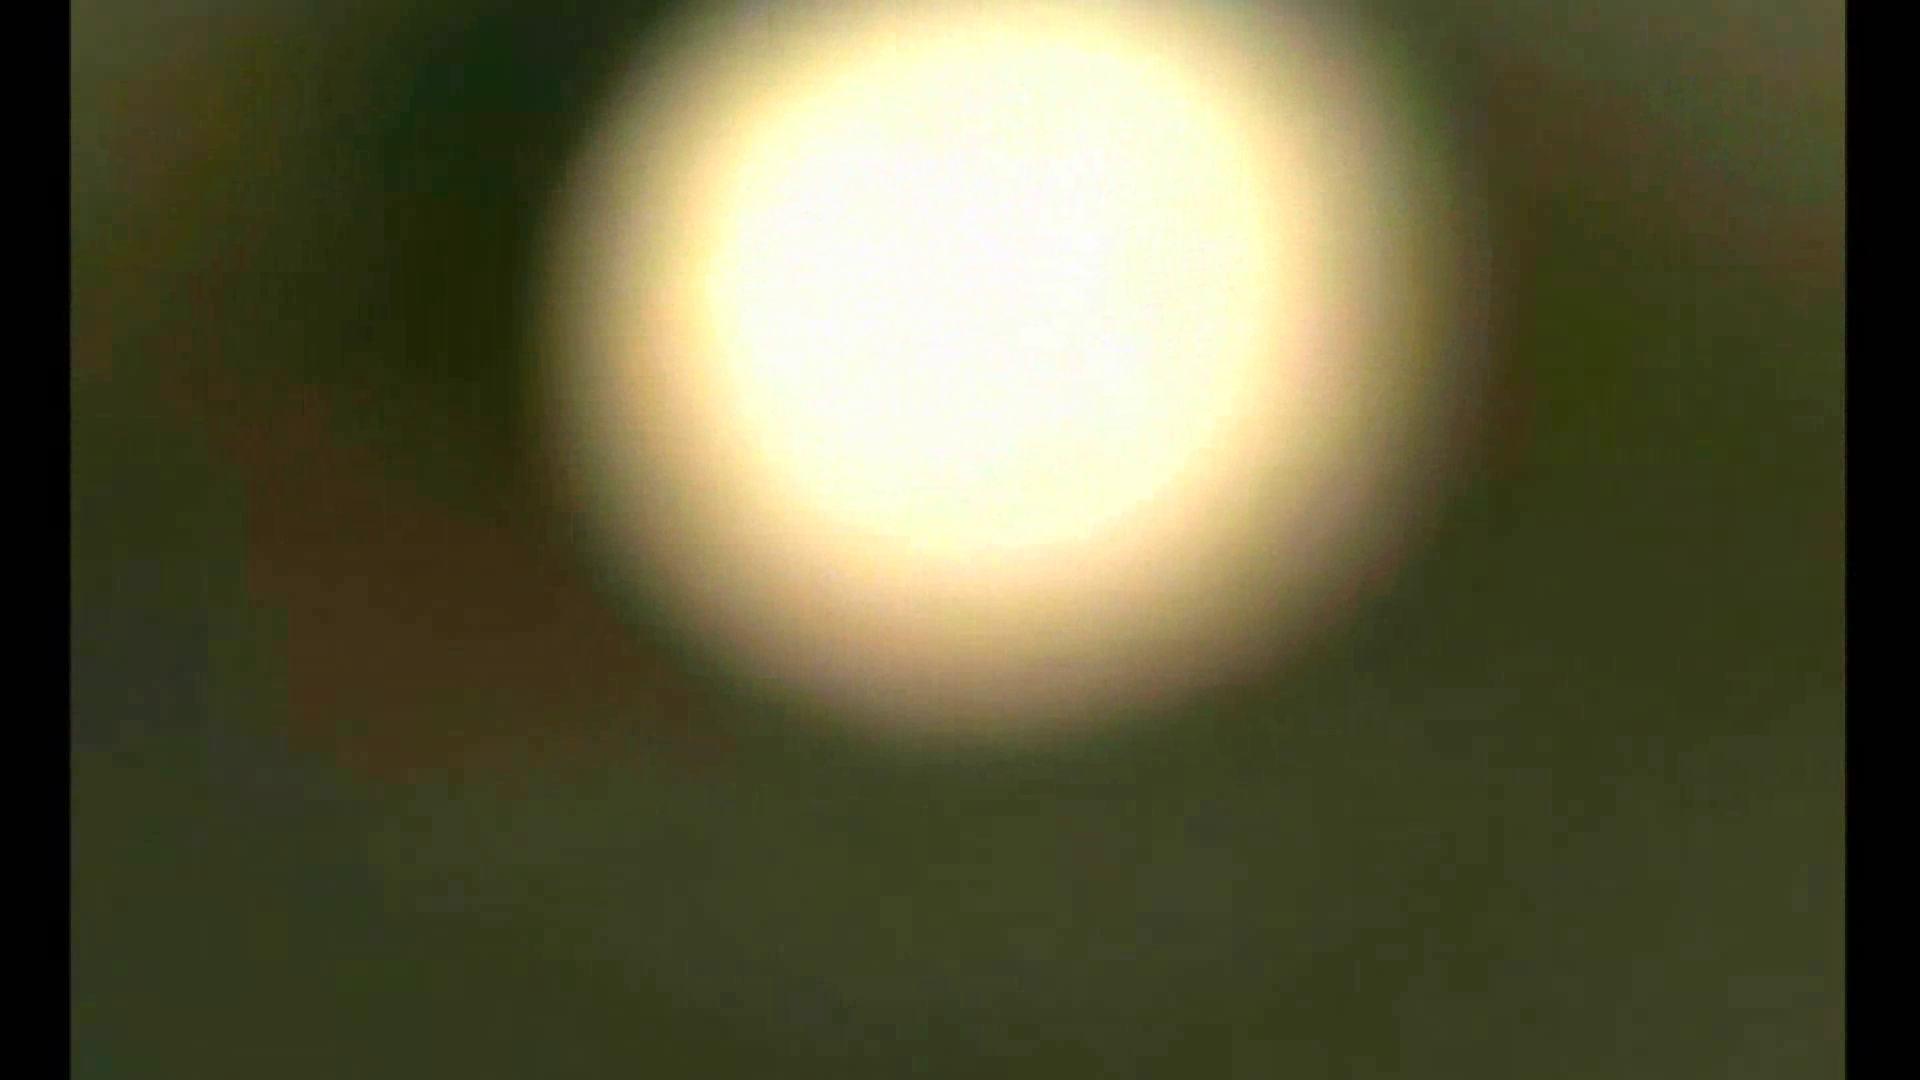 イケメンの素顔in洗面所 Vol.14 男天国 | イケメンのsex  102pic 34